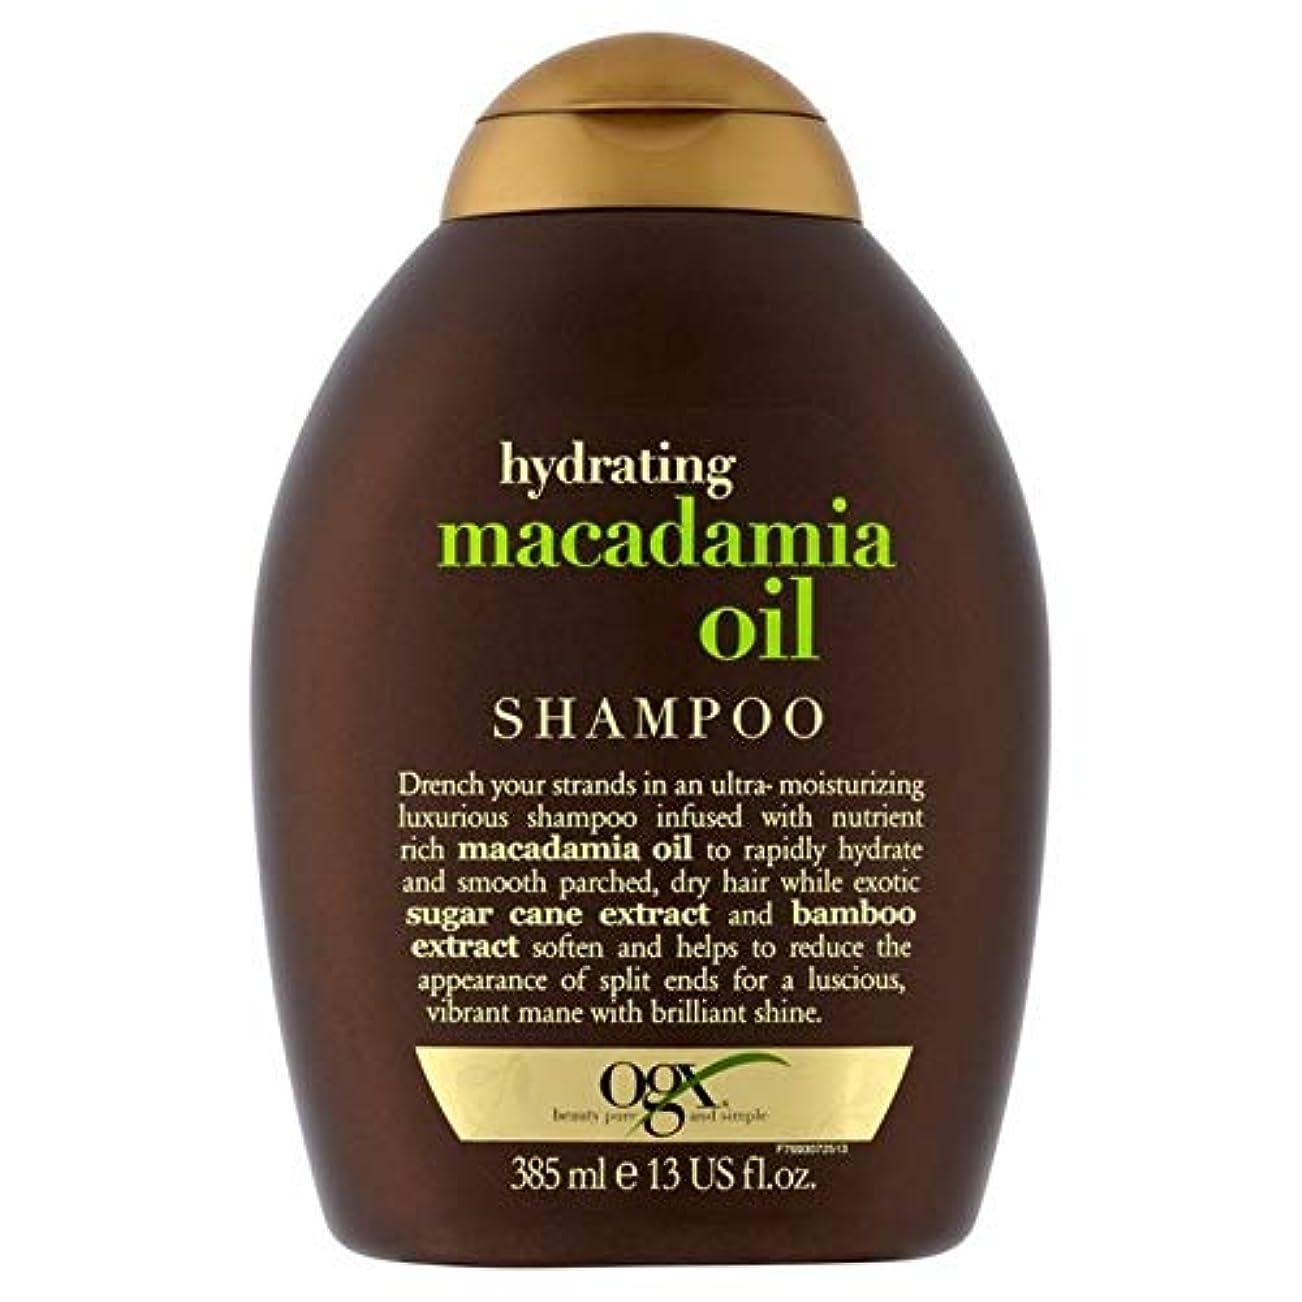 全滅させるセミナーフォロー[Ogx] Ogx水和マカダミアオイルシャンプー385ミリリットル - OGX Hydrating Macadamia Oil Shampoo 385ml [並行輸入品]